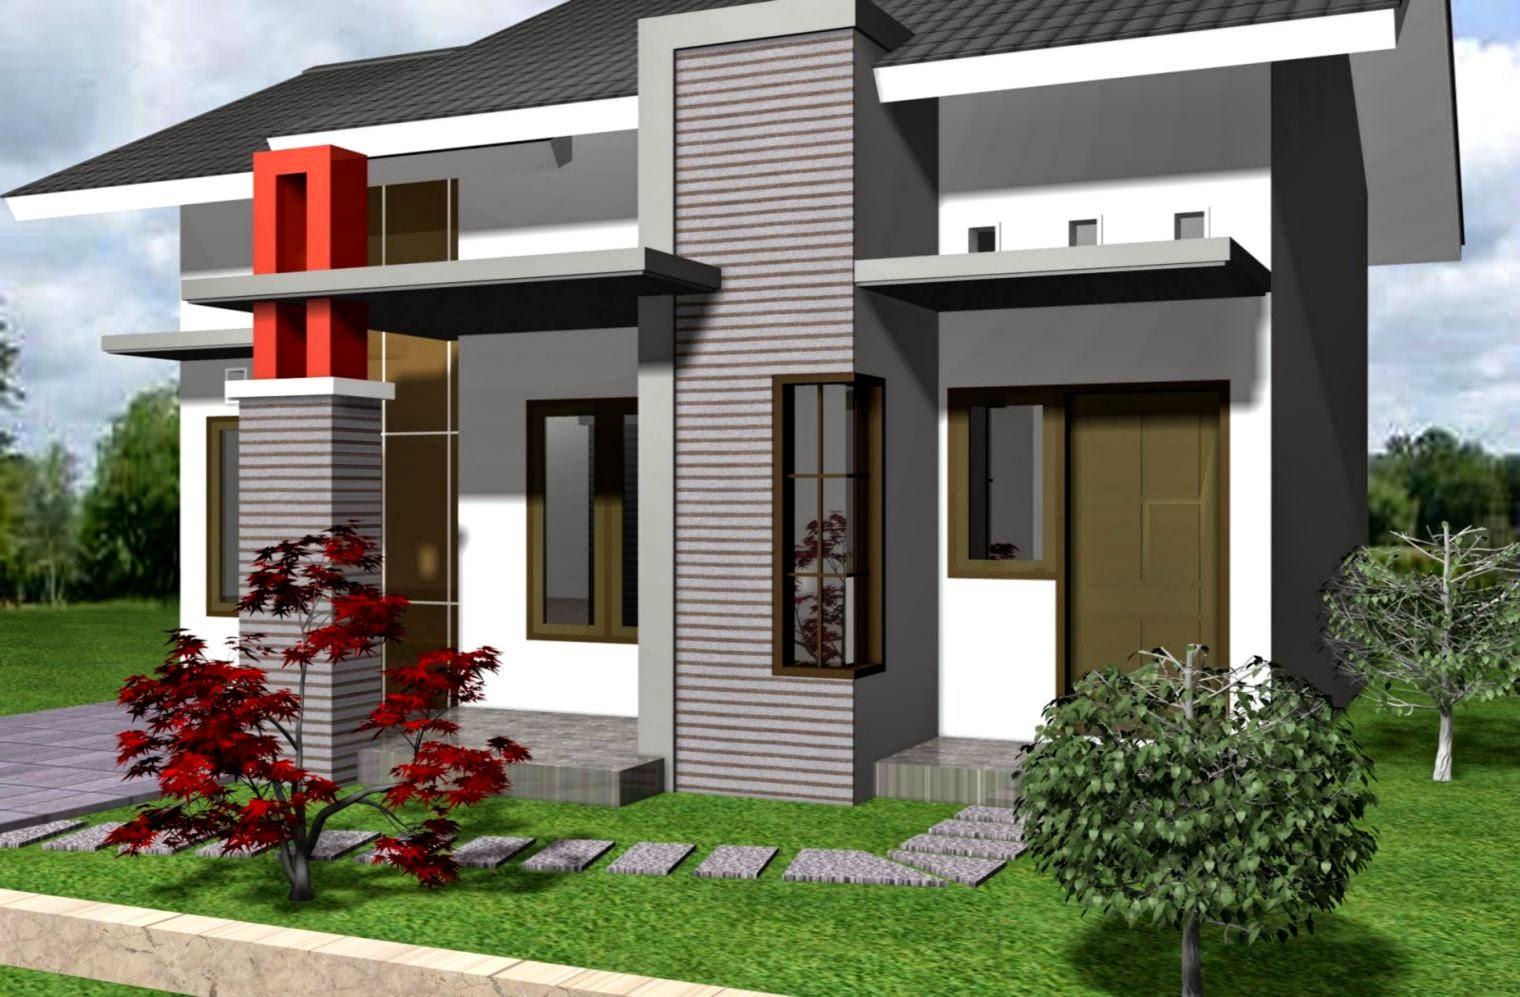 Foto Model Rumah  Minimalis Terbaru Design Rumah  Minimalis